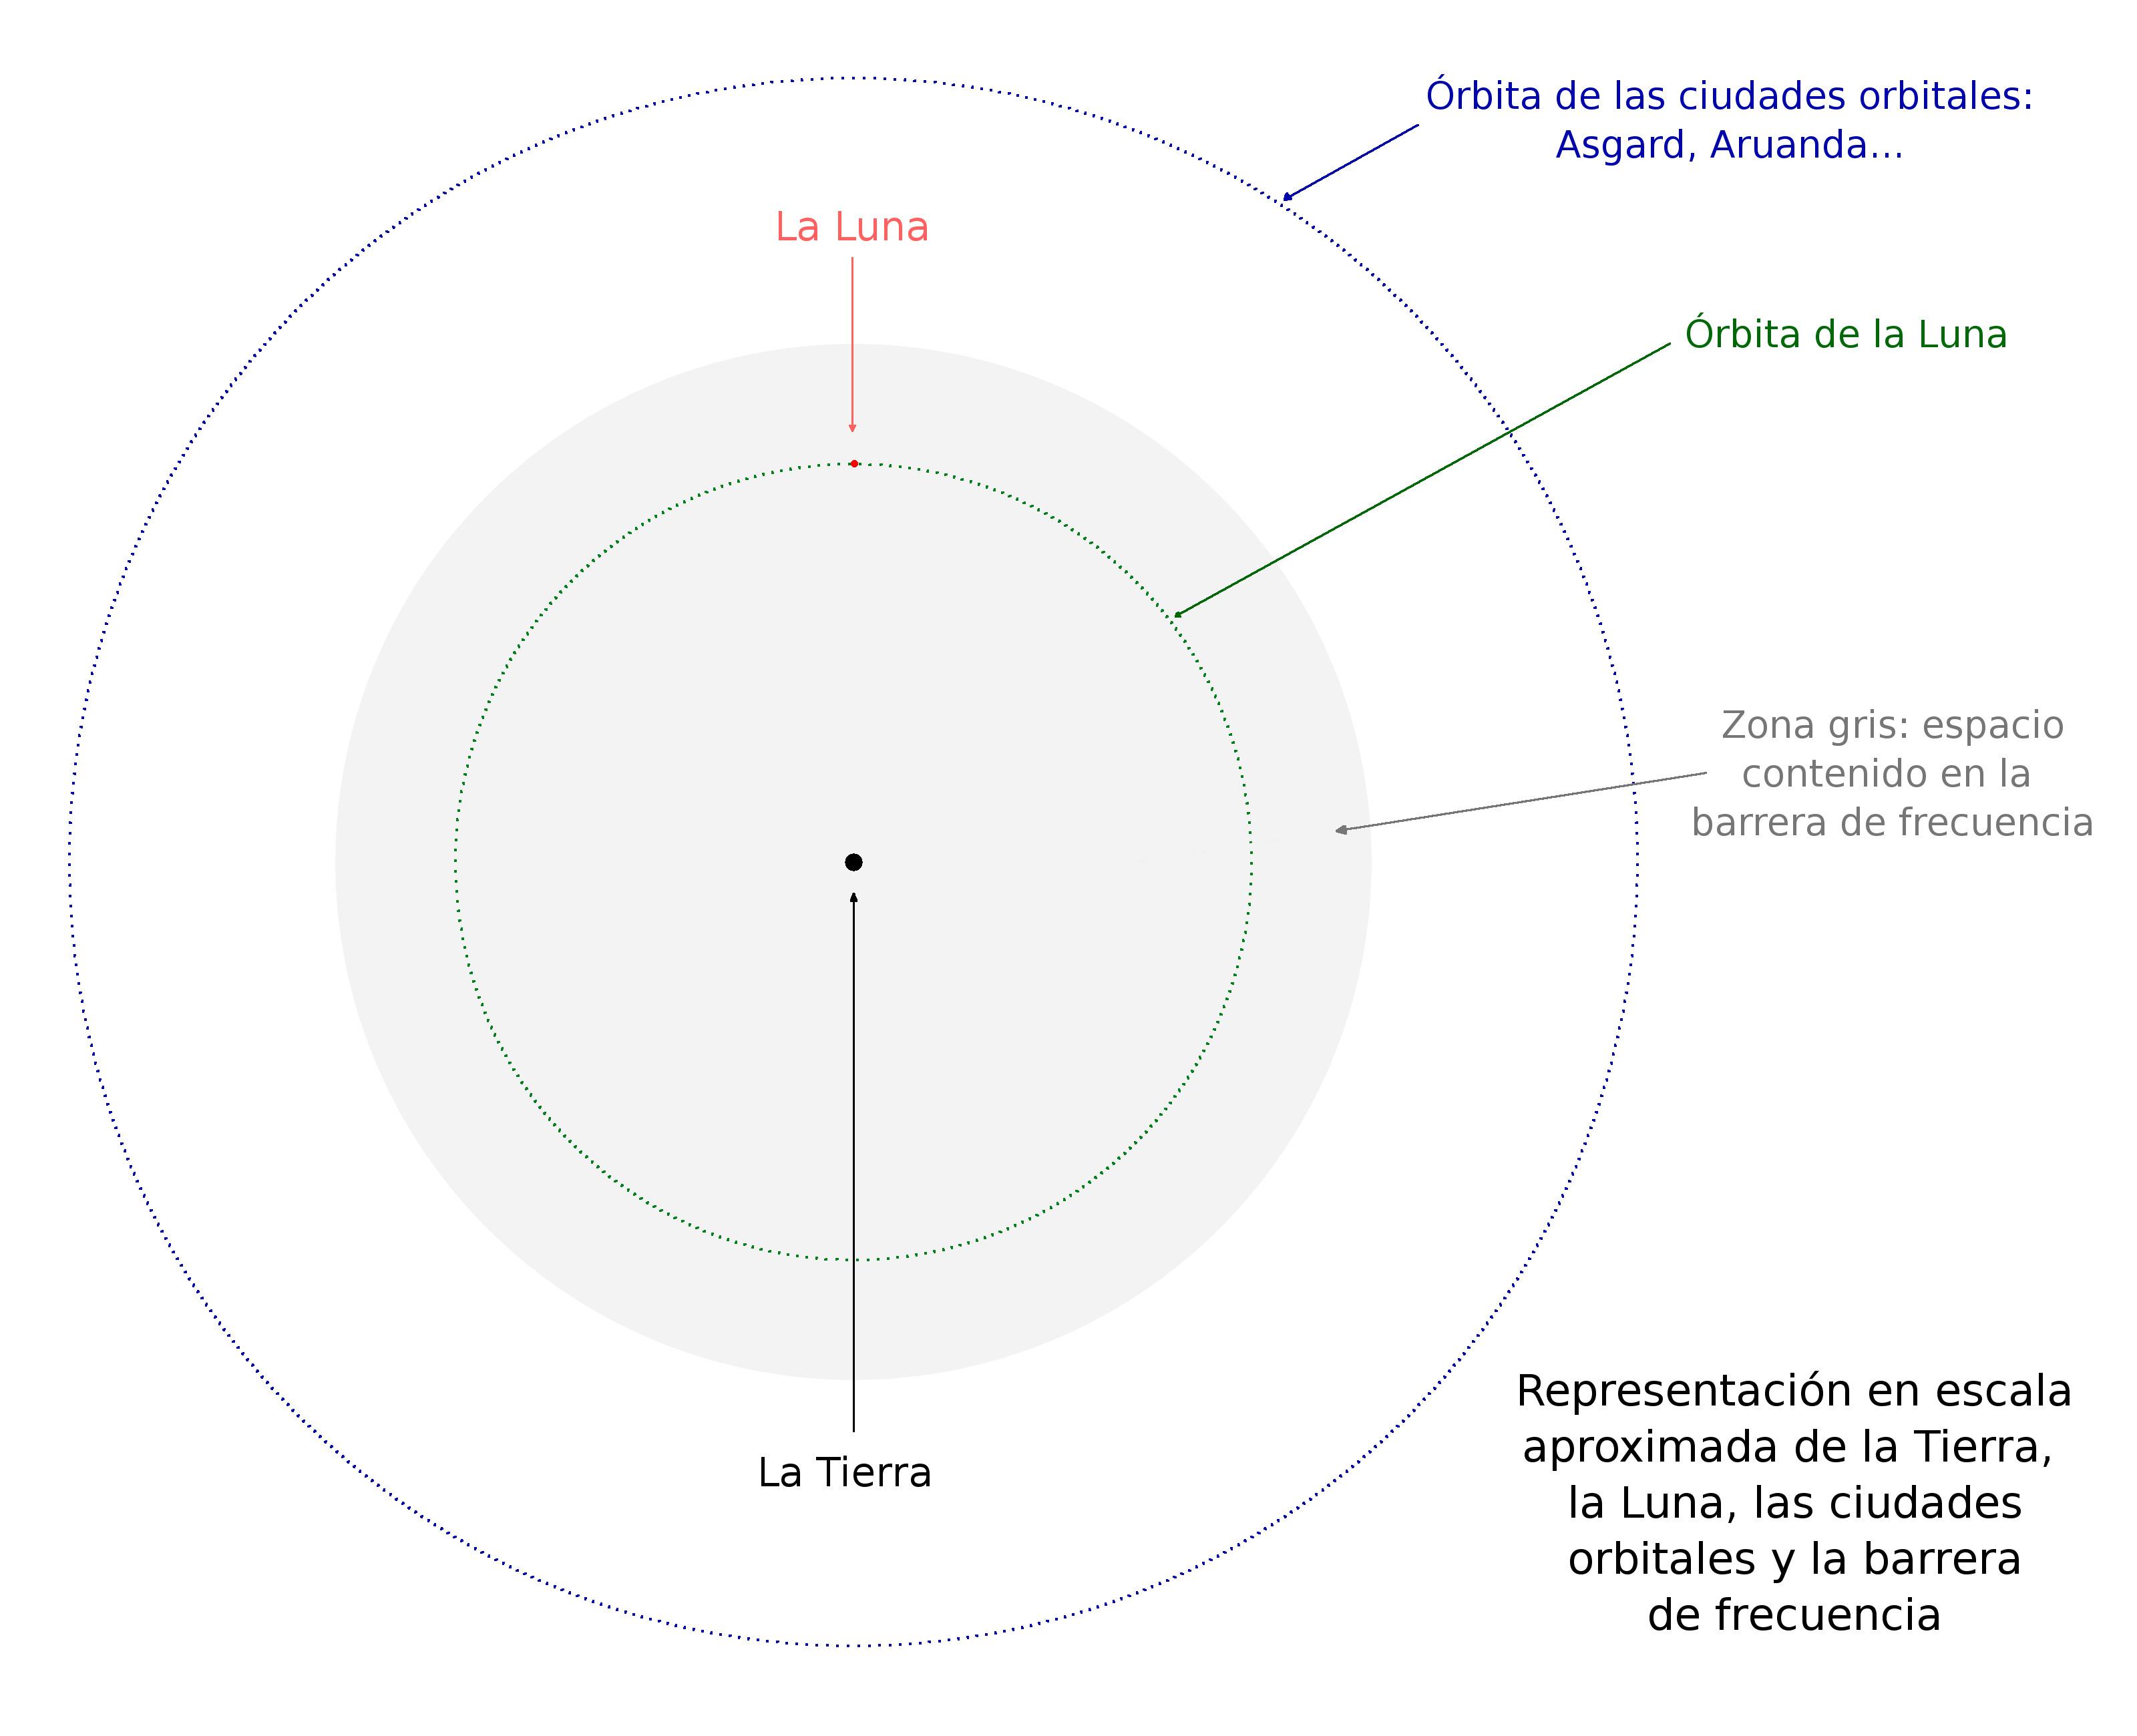 La tierra, la luna, la barrera de frecuencia y las ciudades orbitales